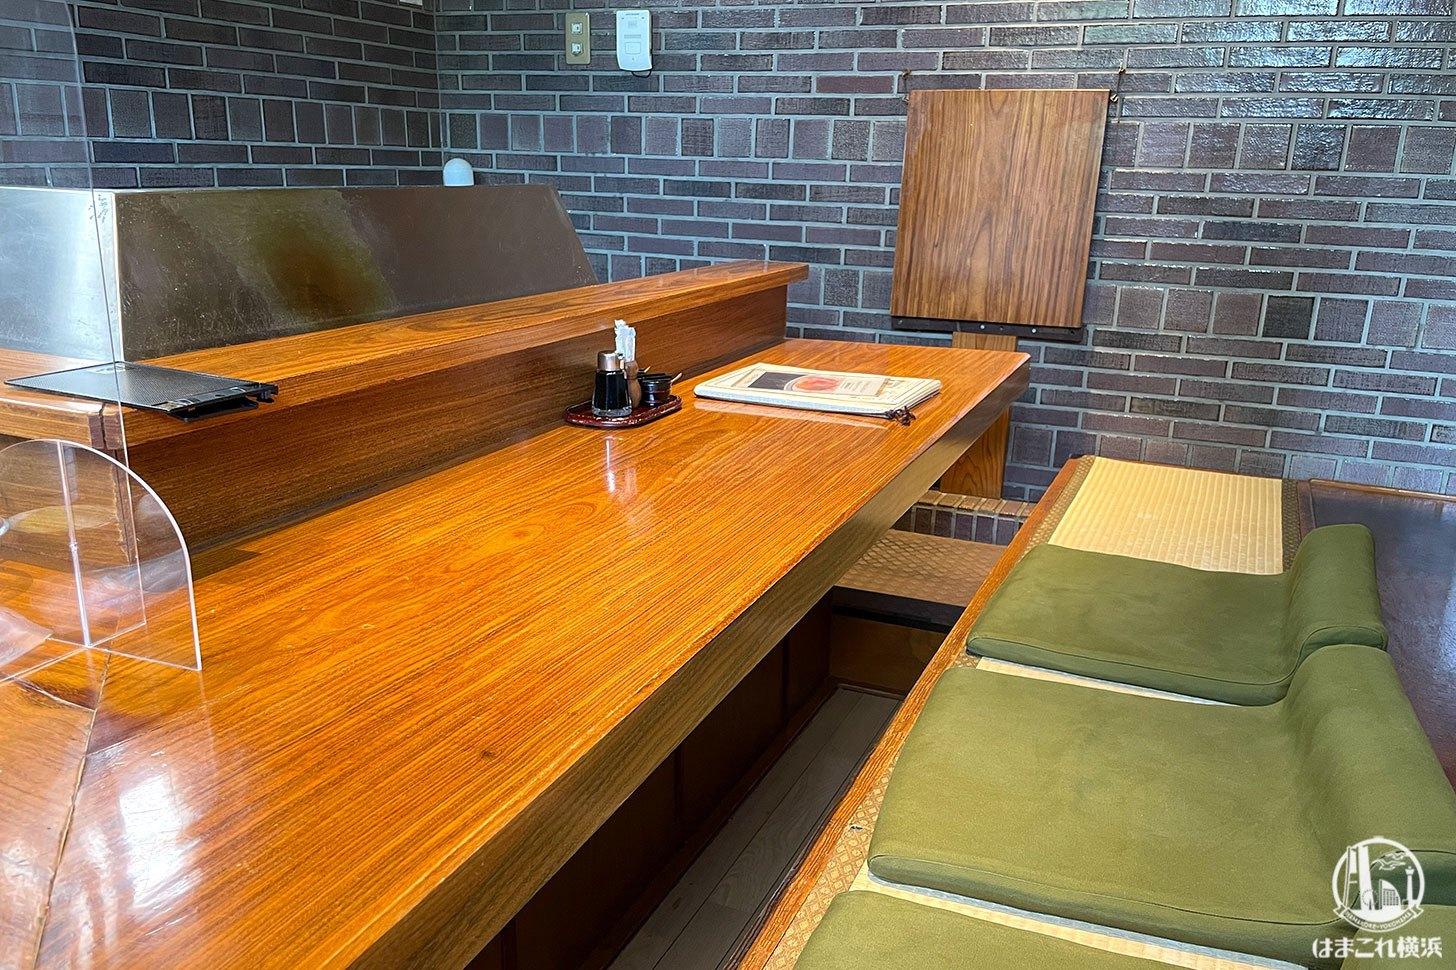 天吉 個室タイプの掘り炬燵タイプの席